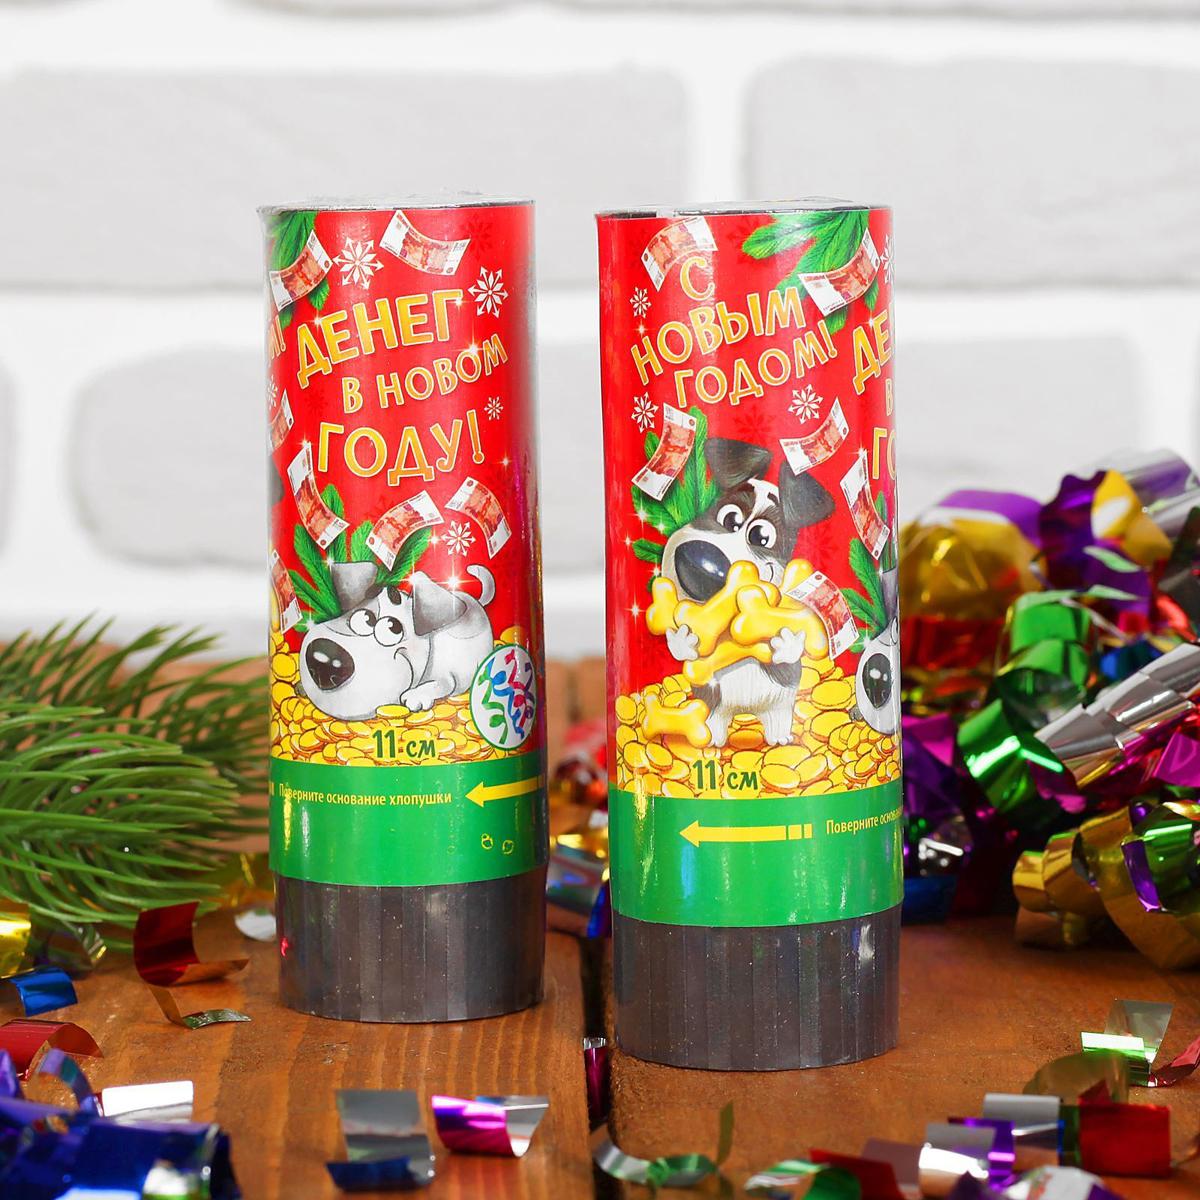 Хлопушка пружинная Страна Карнавалия Денег в Новом году, длина 11 см2223781Придайте новогоднему празднику по-настоящему взрывной характер! Пружинная хлопушкаСтрана Карнавалия стреляет серпантином, конфетти и фольгой. Приводится в действие приповороте специально обозначенной части.Такой атрибут - это не пиротехника, а значит, вы можете безопасно устраивать маленькиефейерверки в помещении и на улице. А небольшой размер позволит взять её с собой куда угодно. Сделайте зимнее торжество ярким!Размер: 11 см.